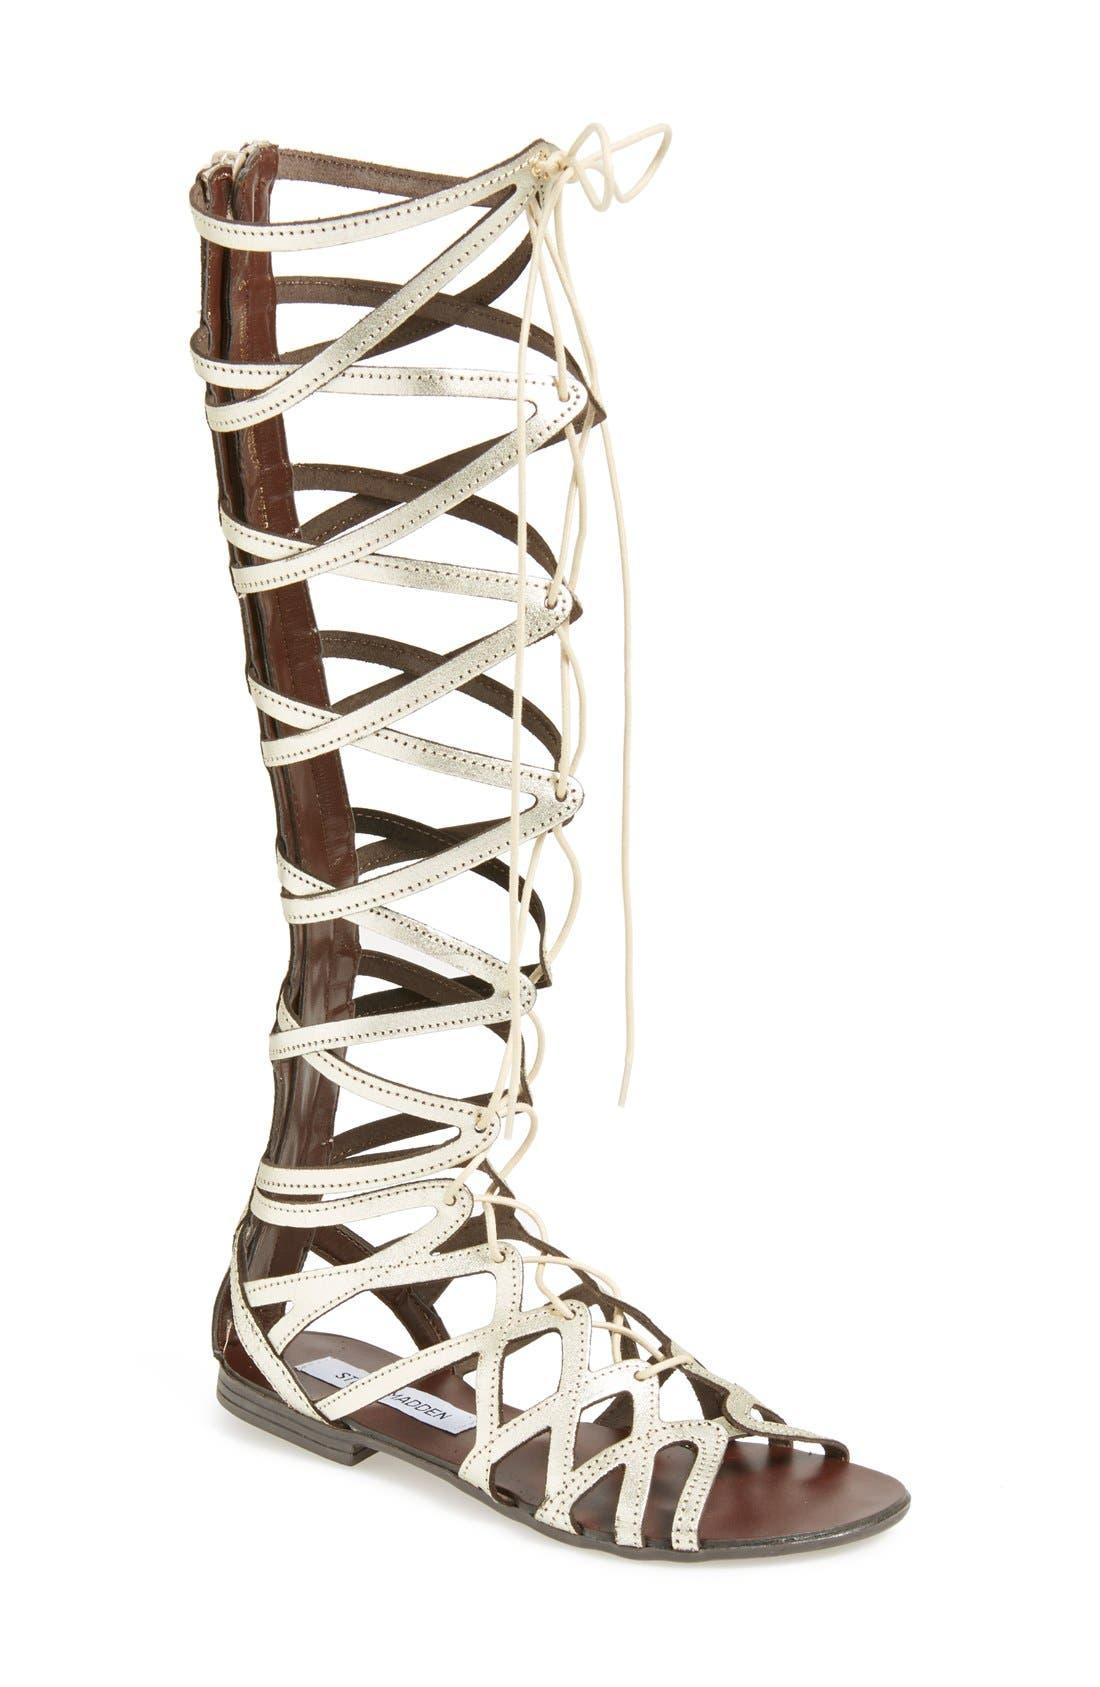 Alternate Image 1 Selected - Steve Madden 'Hercules' Gladiator Sandal (Women)